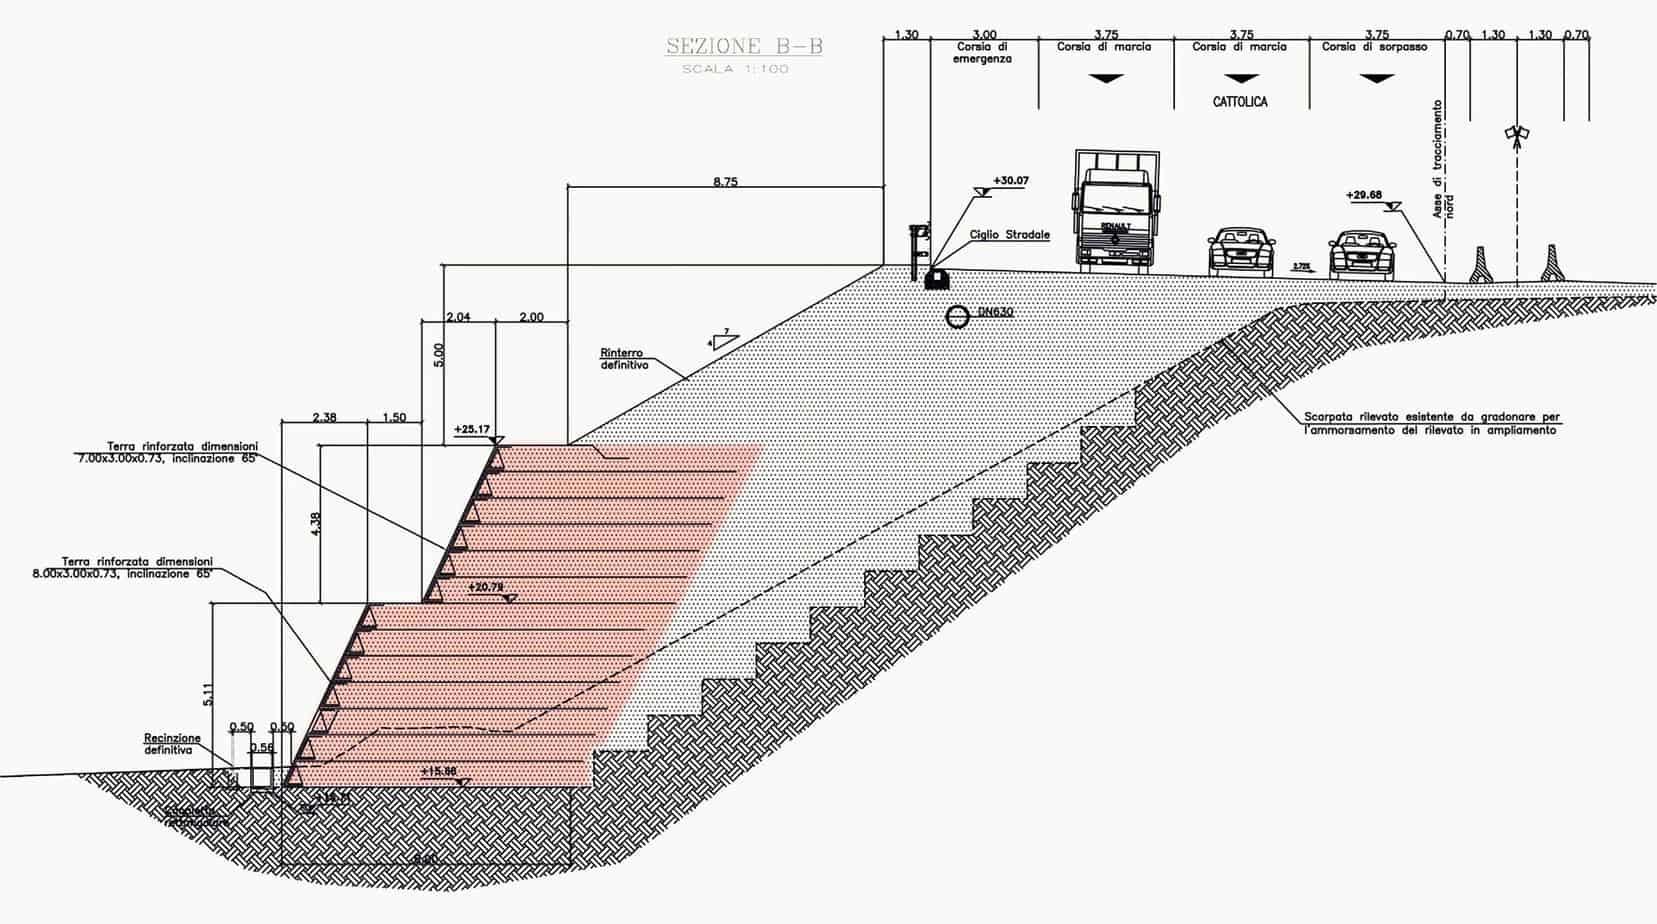 La sezione della struttura TA01 con un'altezza totale pari a 9 m